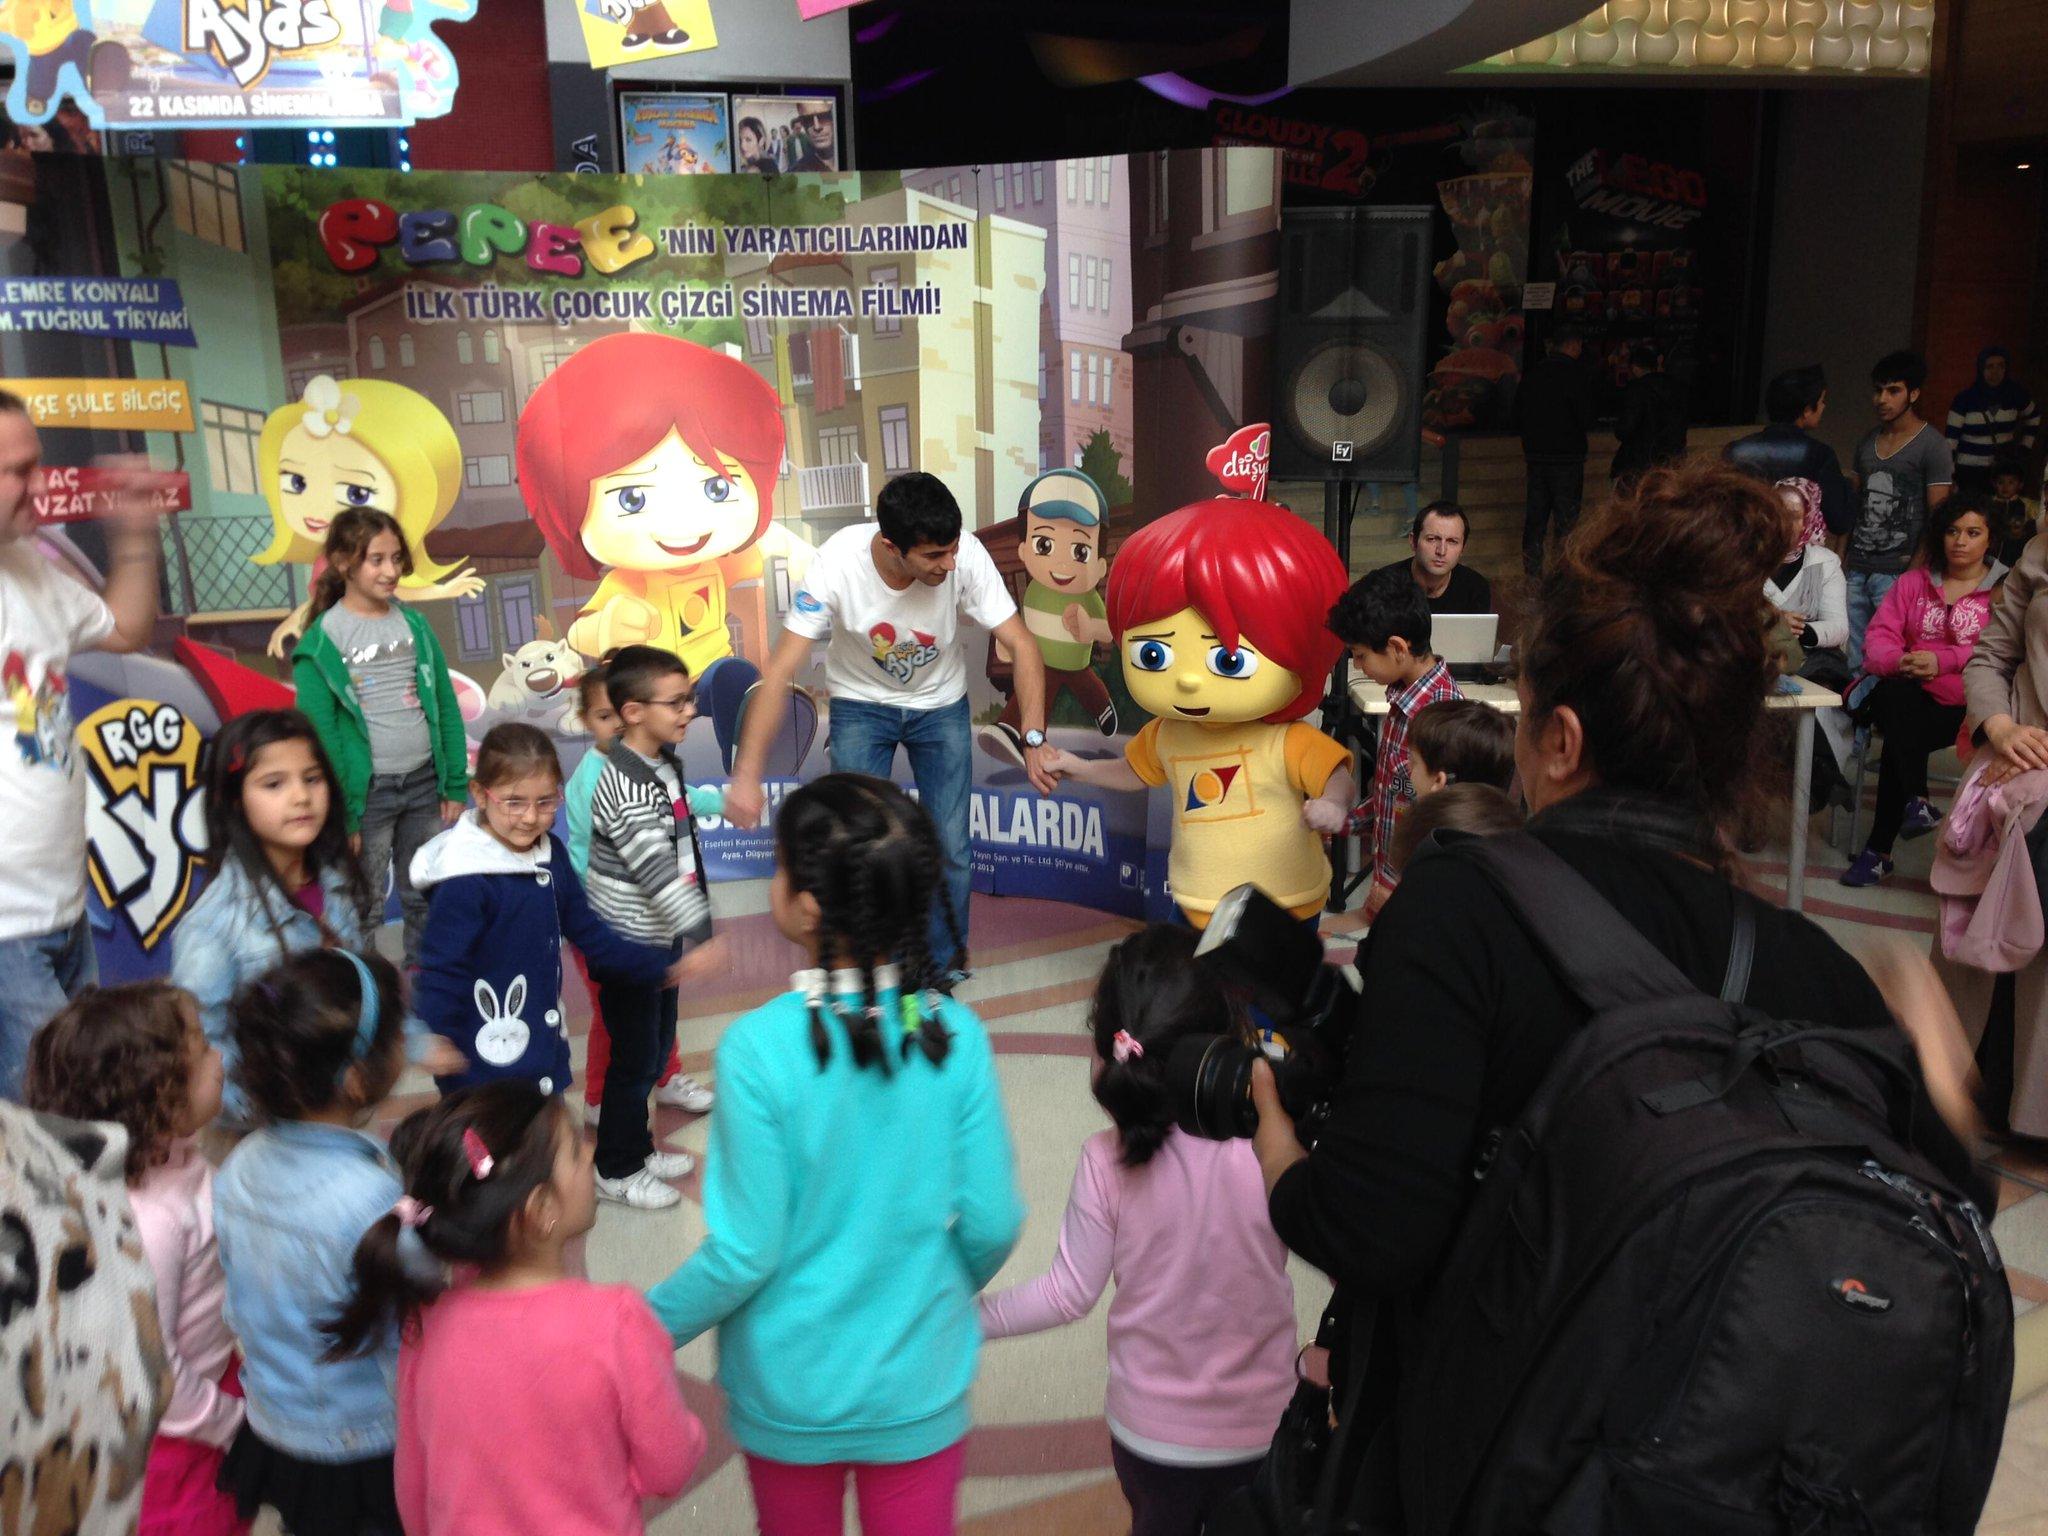 Ayas ve yeni arkadaşları 'Bom bili bom' şarkısı eşliğinde halay çekiyor! http://t.co/n6WX6pMt2o